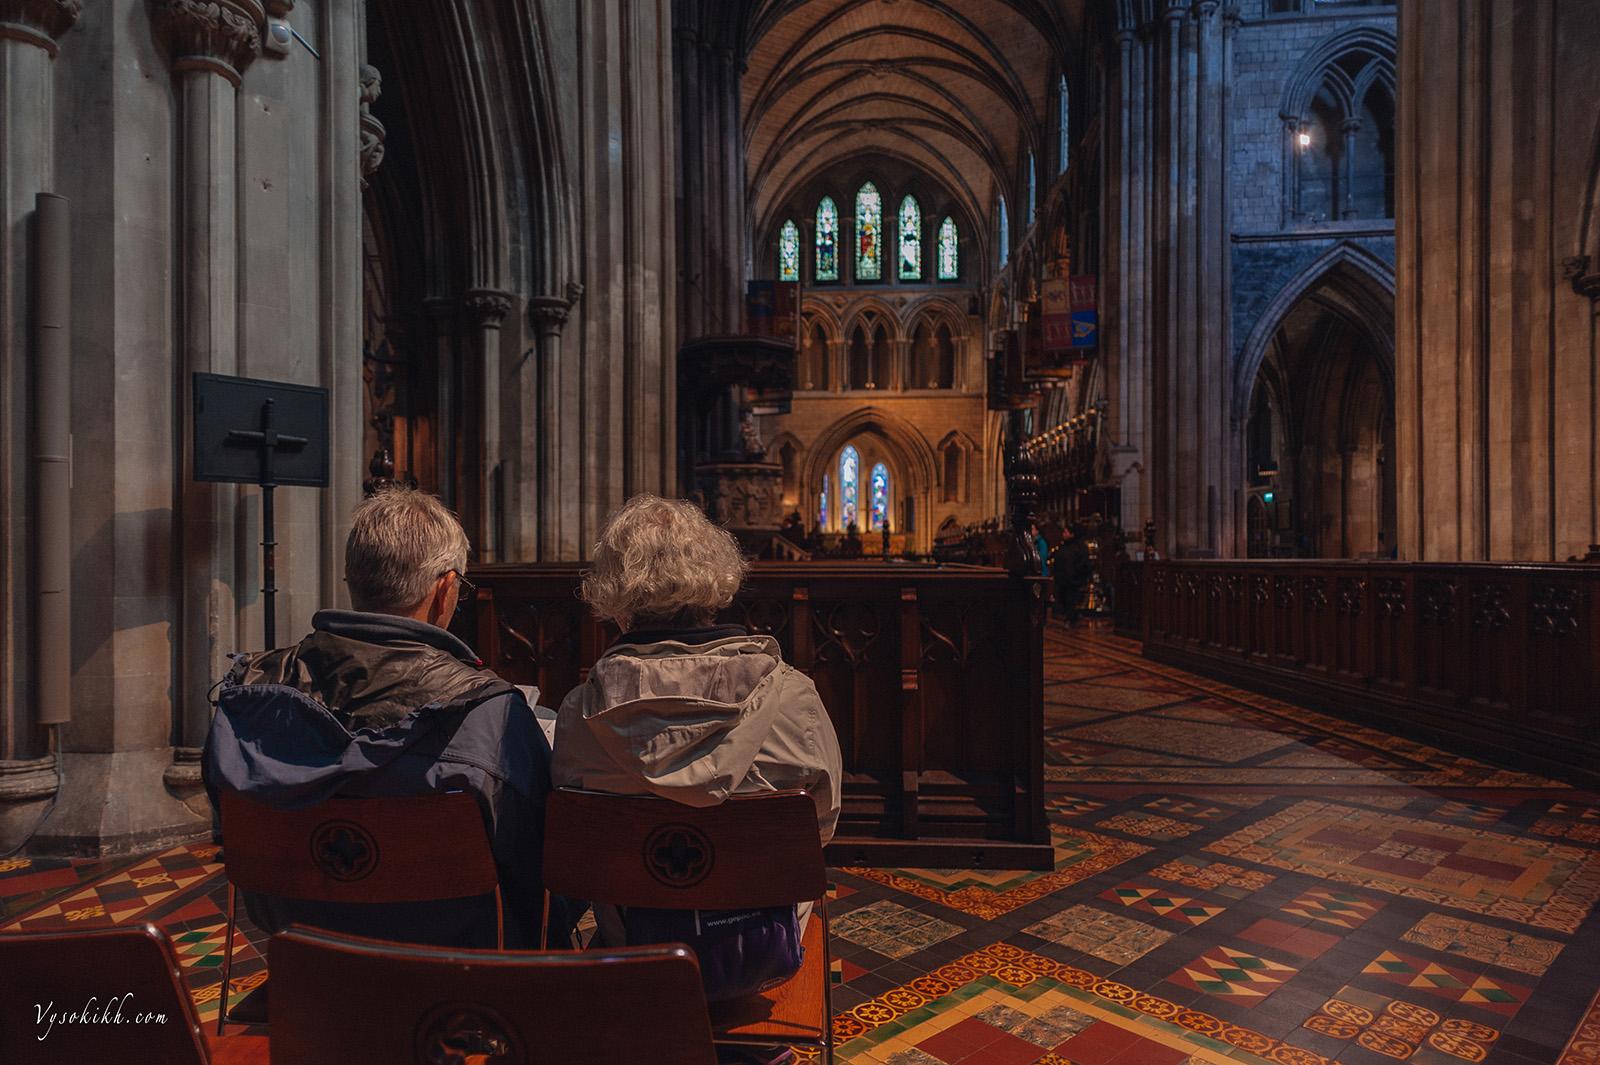 Saint Patrick's Cathedral (Árd Eaglais Naomh Pádraig) Собор Святого Патрика